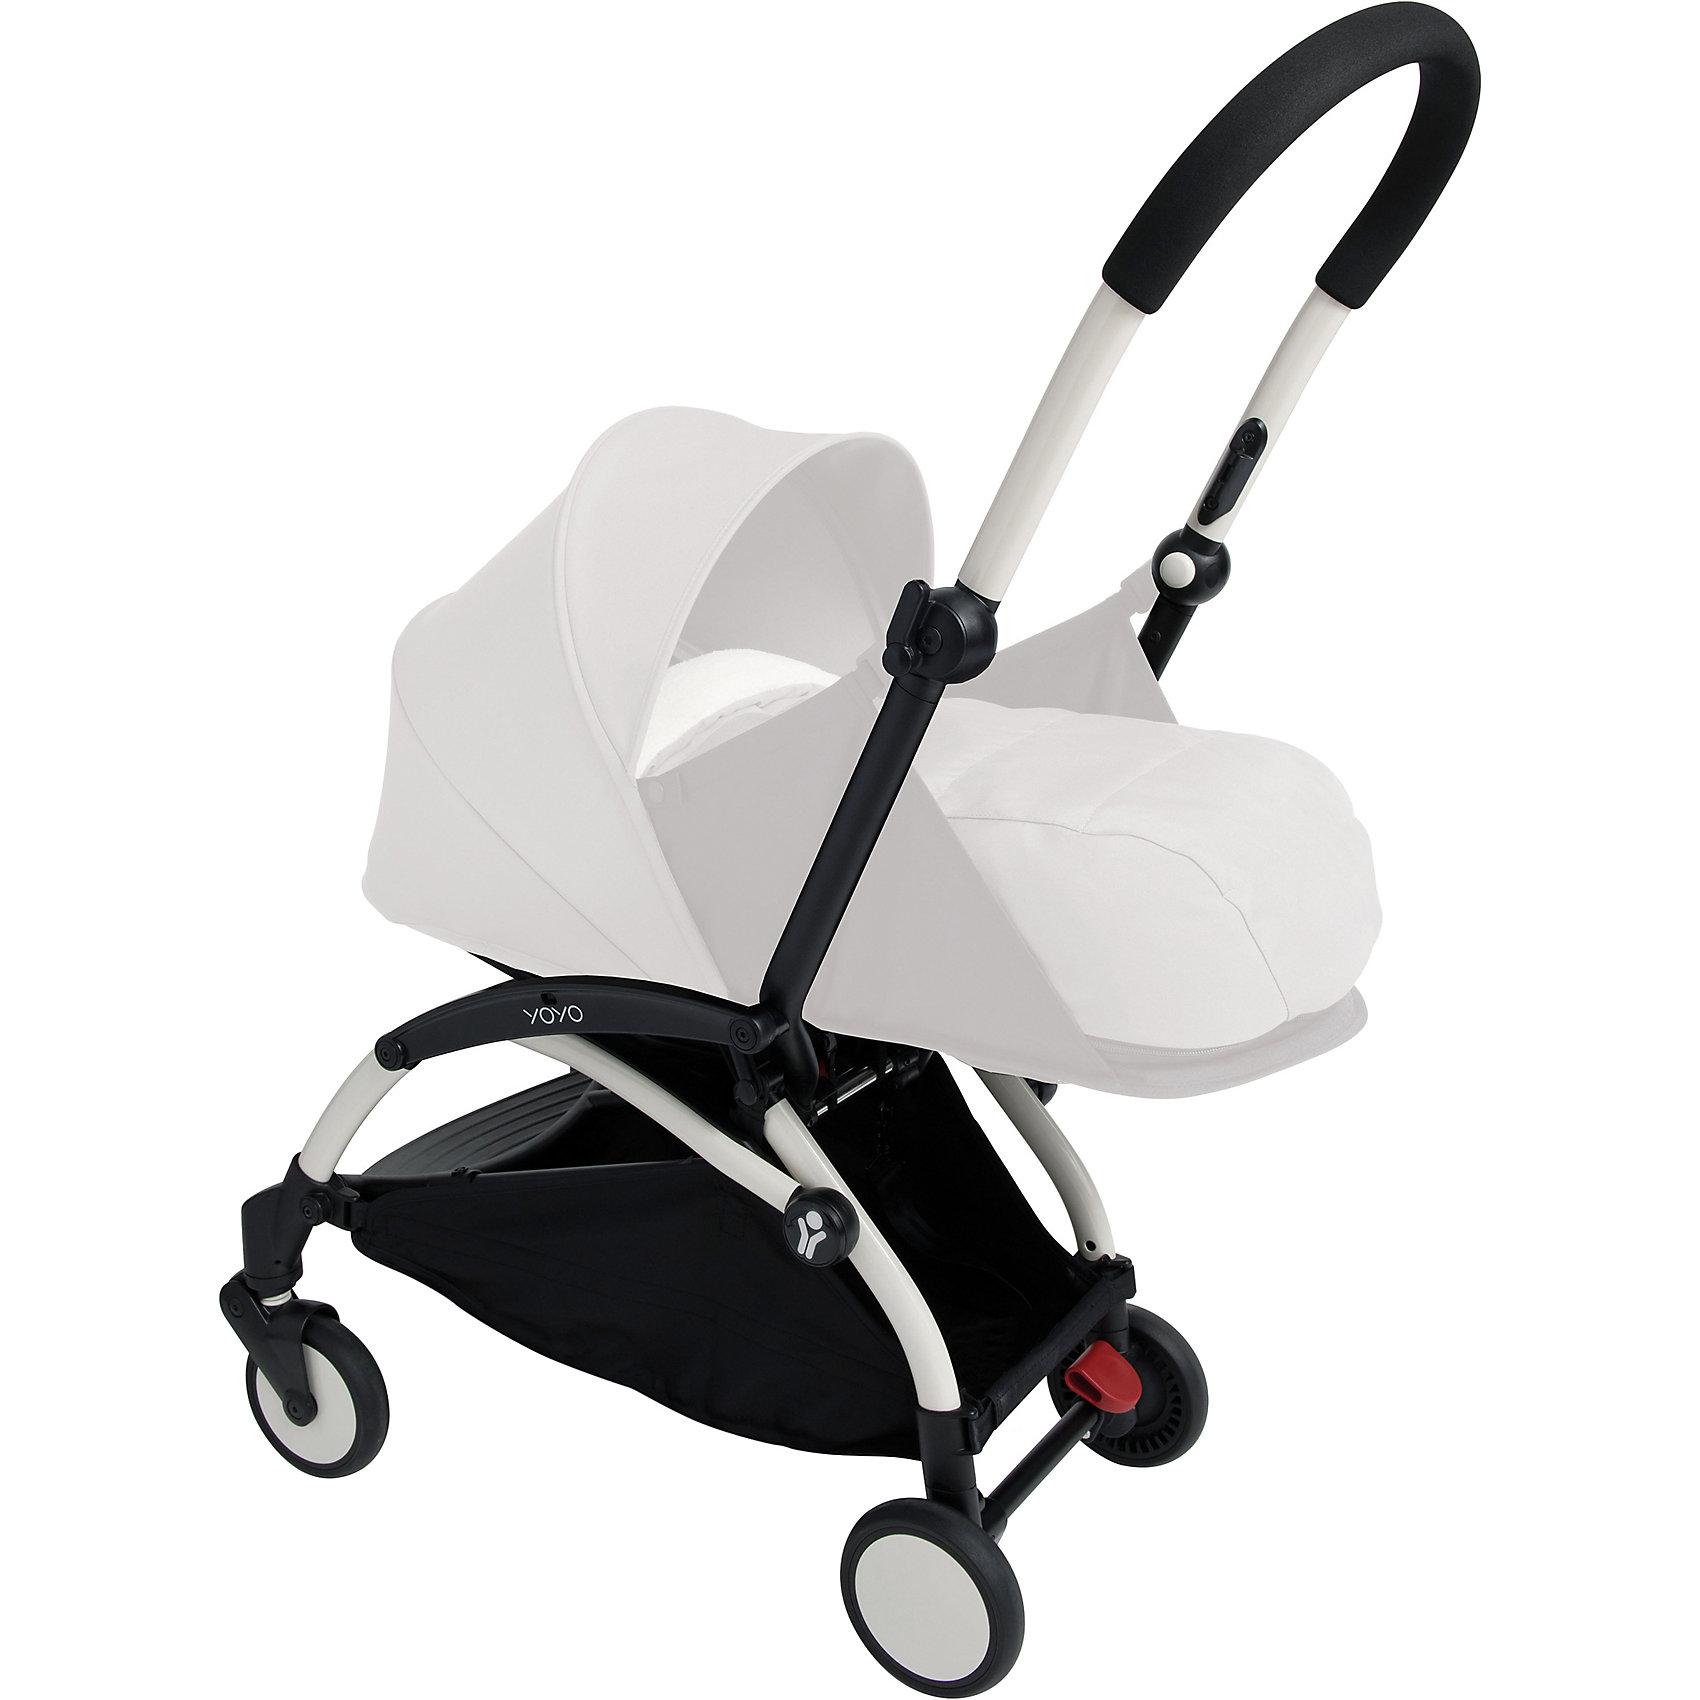 Прогулочная коляска Babyzen YOYO на чёрно-белой раме,Прогулочные коляски<br>Характеристики коляски Babyzen YOYO:<br><br>• легкая и компактная, маневренная и удобная;<br>• коляска складывается одной рукой;<br>• прогулочный блок оснащен 5-ти точечными ремнями безопасности, регулируемые по длине и высоте;<br>• регулируемый наклон спинки: 3 положения, угол наклона 160 градусов;<br>• капюшон оснащен смотровым окошком;<br>• капюшон можно полностью опустить за прогулочное сиденье;<br>• чехлы прогулочного блока съемные, их можно стирать при температуре 30 градусов;<br>• колеса имеют независимую подвеску;<br>• передние поворотные колеса с антивибрационной системой: колеса не нужно блокировать вручную;<br>• ножной тормоз, педаль на задней оси коляски, блокировка сразу двух задних колес;<br>• коляска складывается по типу «книжка», устойчива в вертикальном положении в сложенном виде, имеется фиксатор от случайного раскладывания;<br>• в сложенном виде рама коляски оснащена ремешком с мягкой накладкой, чтобы сложенную коляску удобно было переносить на плече;<br>• коляска раскладывается одной рукой: мамочка может и ребенка держать на руках, и коляску разложить без особых трудностей;<br>• материал: алюминий, пластик, полиэстер, полиуретан;<br>• диаметр колес: 13 см<br><br>Компактная коляска помещается в отделении ручной клади в самолете, между сиденьями в поезде или в машине. Коляска с ремешком для переноски на плече позволяет пройтись с малышом по магазинам, устроиться в уютном кафе. Коляска маневренна, с функцией «плавный ход», простая в использовании. <br><br>Размер коляски: 44х86х106 см<br>Размер коляски в сложенном виде: 52x44x18 см<br>Вес коляски: 5,9 кг<br>Вес в упаковке: 7,4 кг<br><br>Комплектация:<br><br>• прогулочная коляска YOYO;<br>• дождевик;<br>• 2 дуги для капюшона;<br>• корзина для покупок;<br>• ремешок с подкладкой для плеча<br>• сумка для транспортировки коляски в сложенном виде;<br>• инструкция. <br><br>Прогулочную коляску YOYO на белой раме, Babyzen можно купить